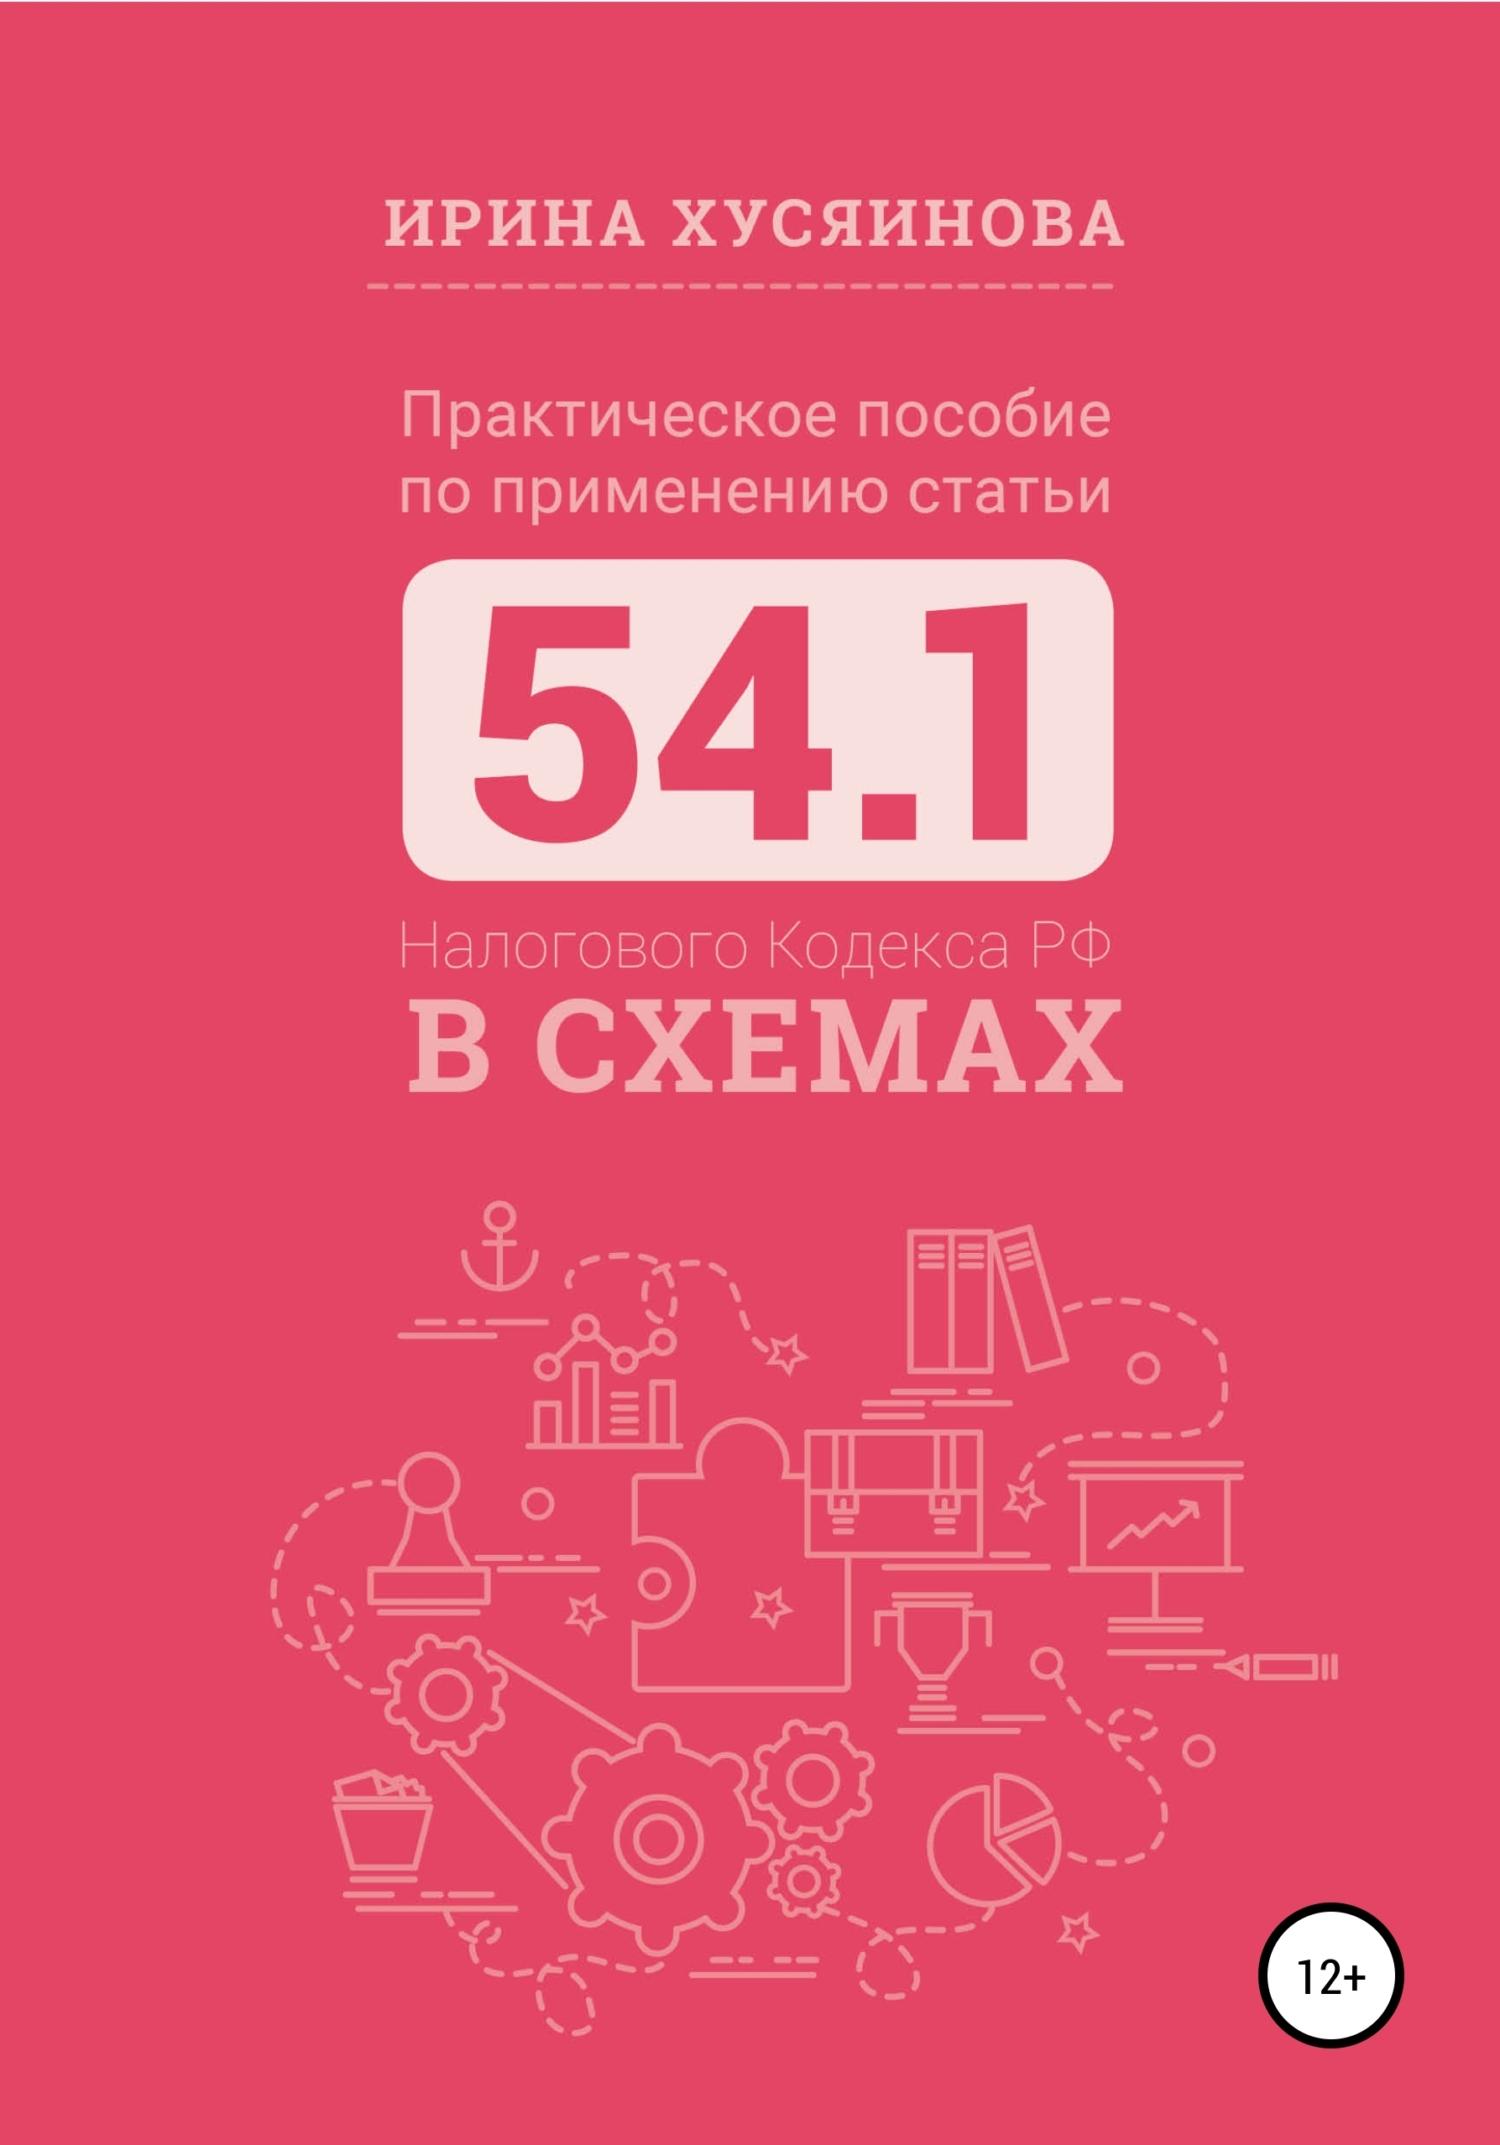 Ирина Хусяинова - Практическое пособие по применению статьи 54.1 Налогового кодекса РФ в схемах